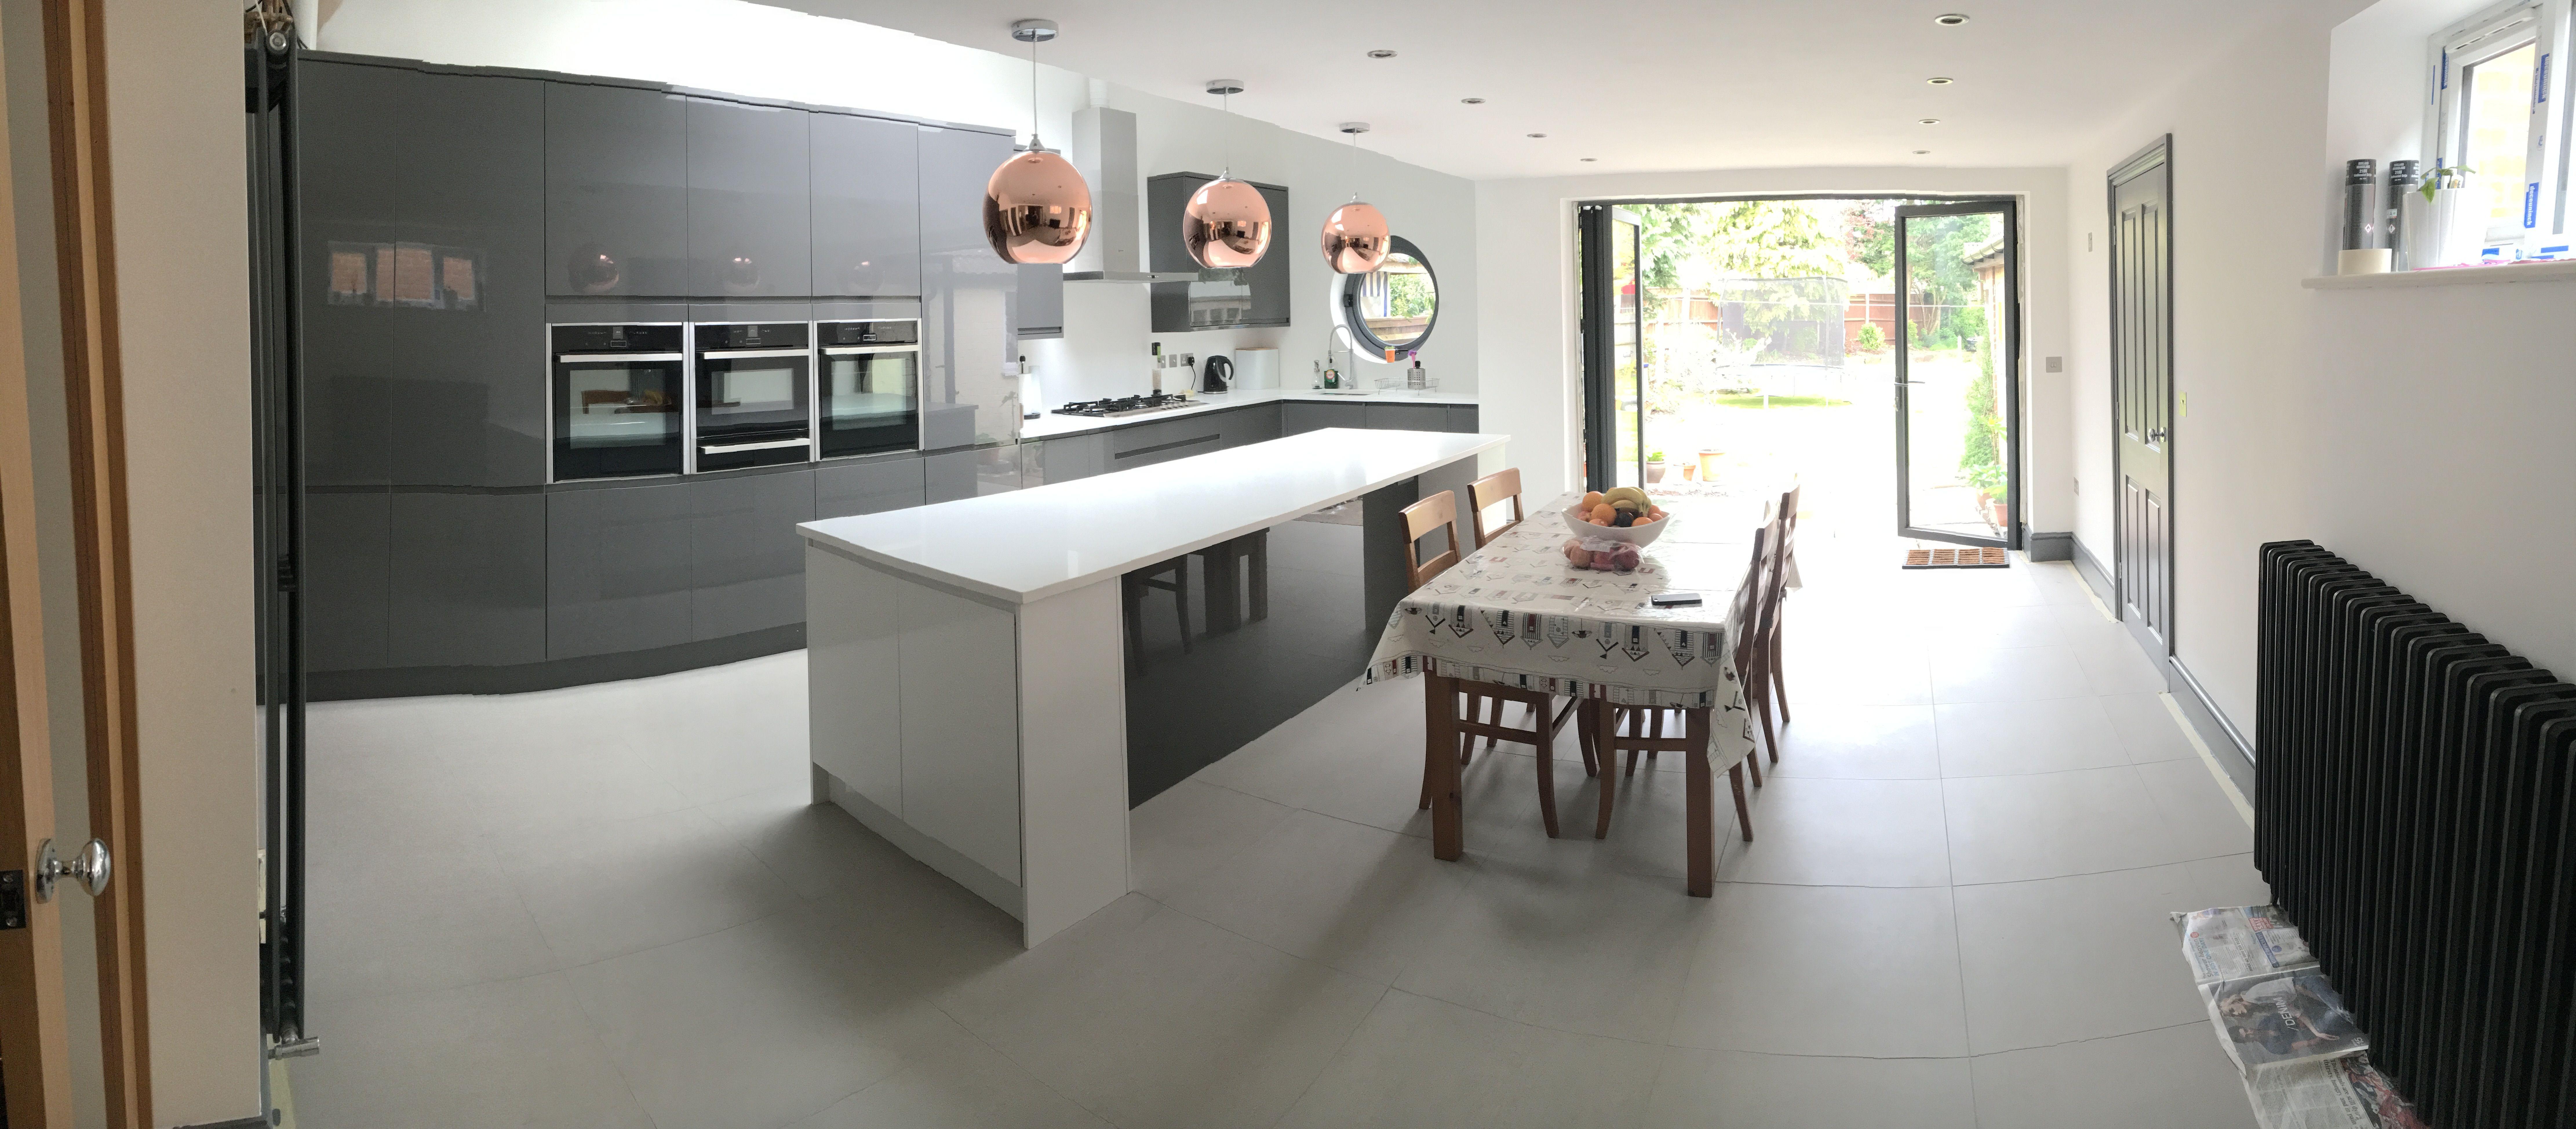 Howdens Kitchen Islands Free Kitchen Design Design Your